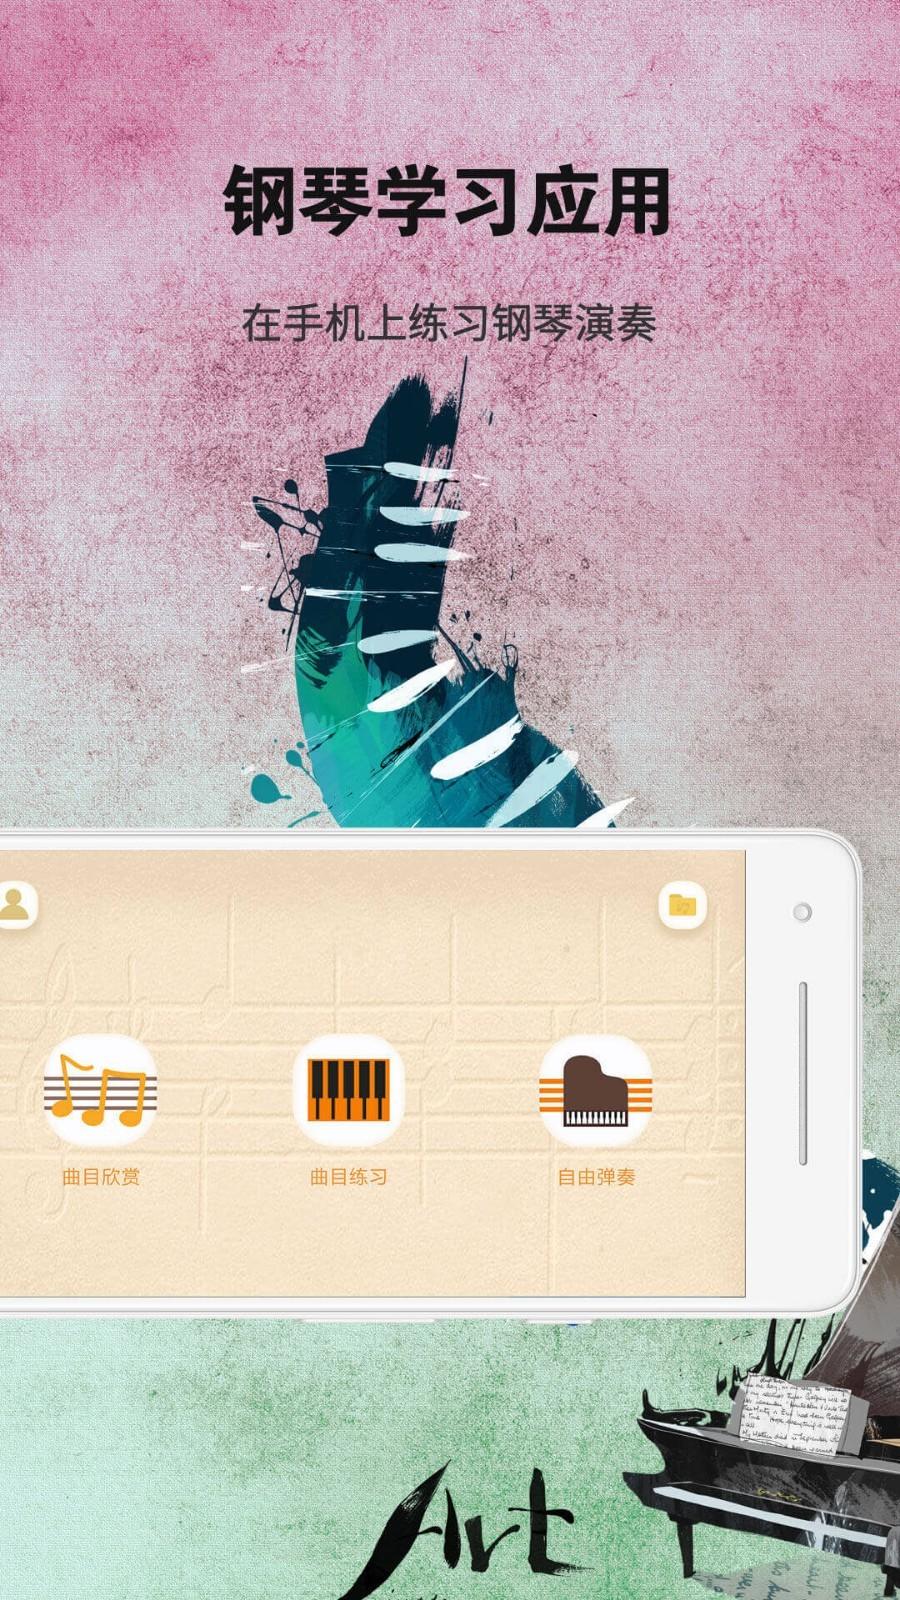 钢琴练习手机版_钢琴练习安卓版下载